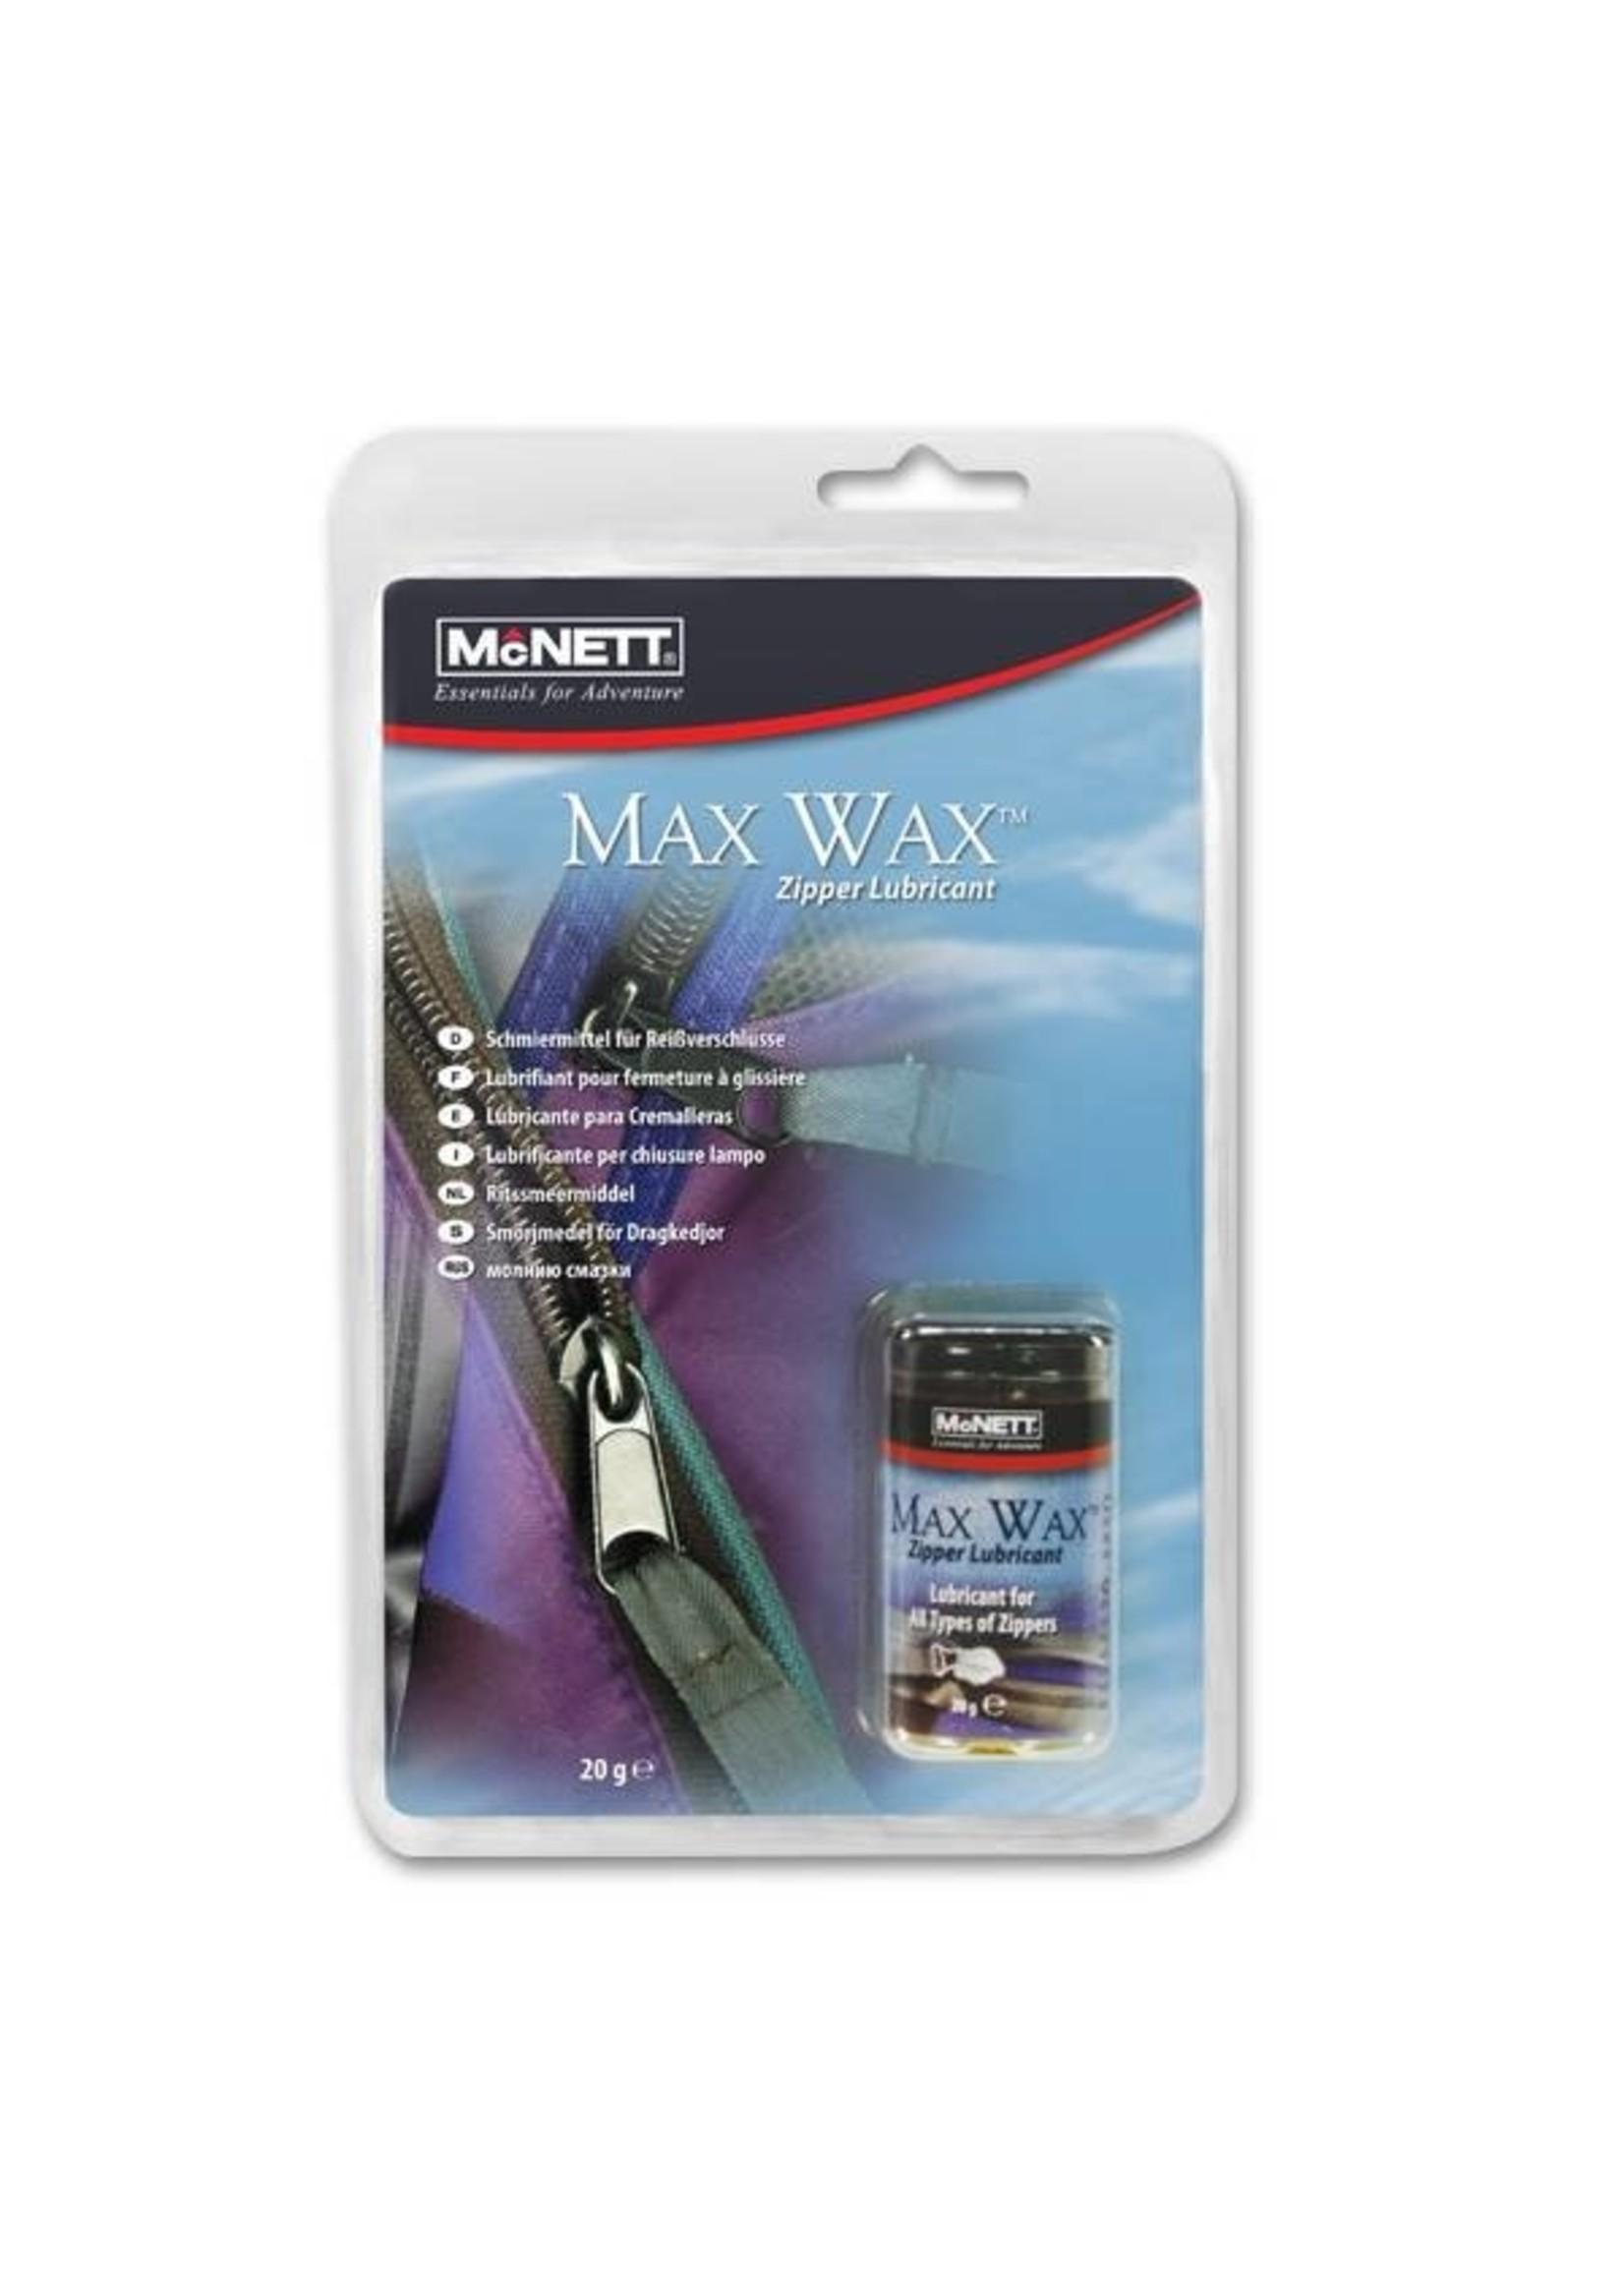 McNett-GearAid McNett-GearAid Max Wax